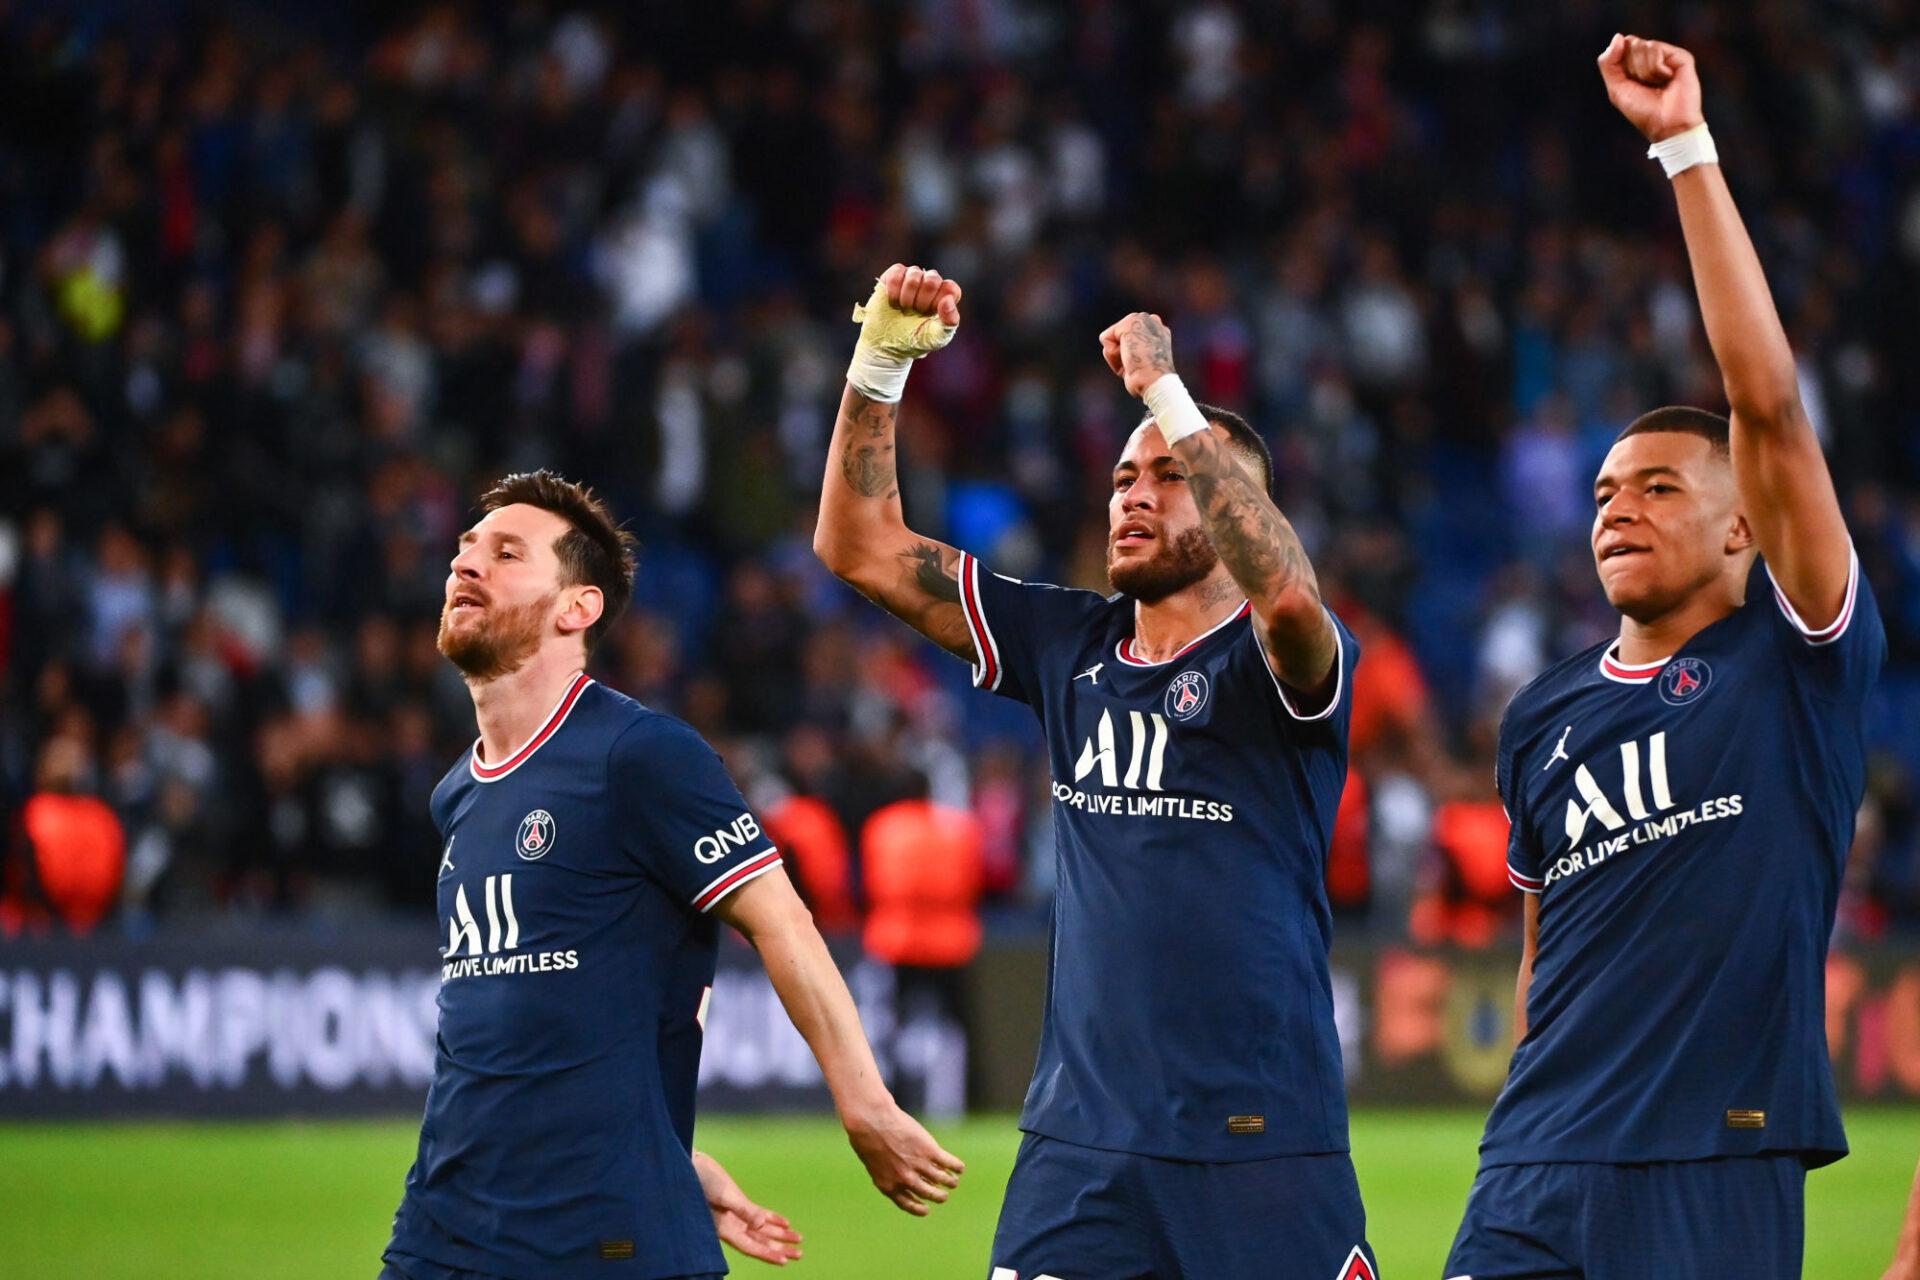 Lionel Messi pense qu'il doit former une équipe avec Neymar, Kylian Mbappé et tous ses autres partenaires du PSG pour gagner la Ligue des champions. Icon Sport